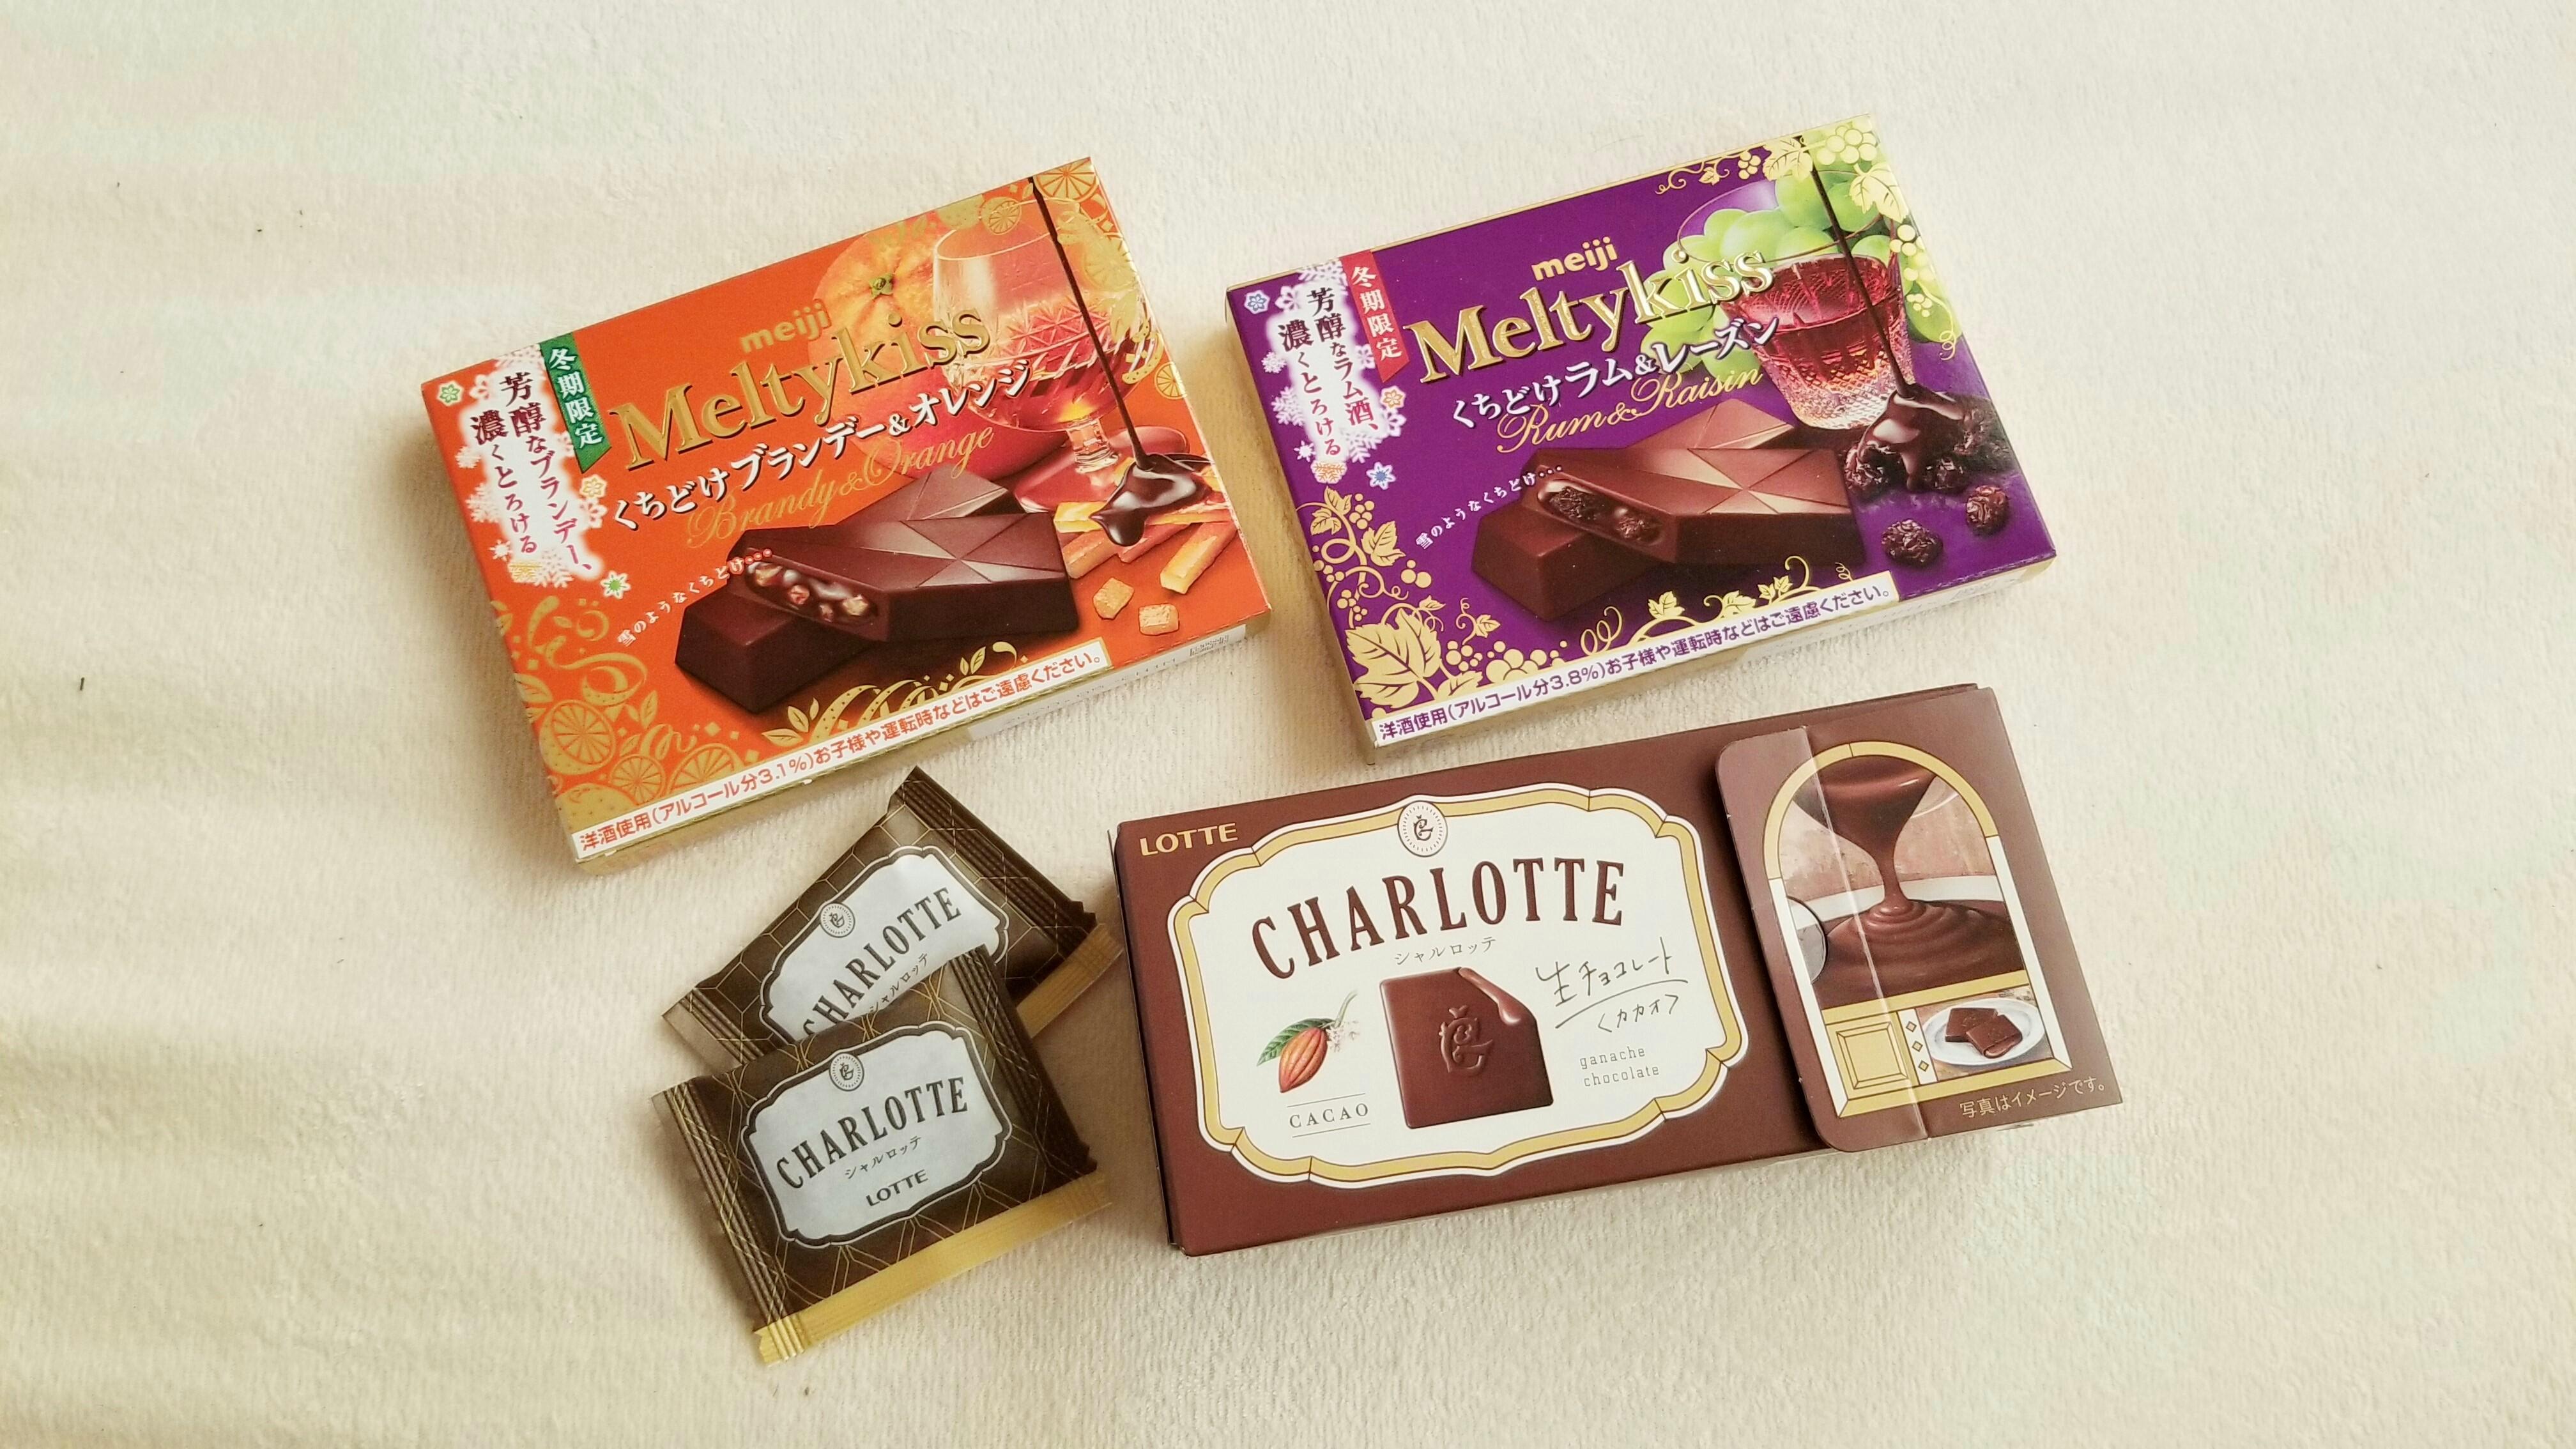 明治メルティーキッスシャルロッテおすすめ美味しいチョコレート人気